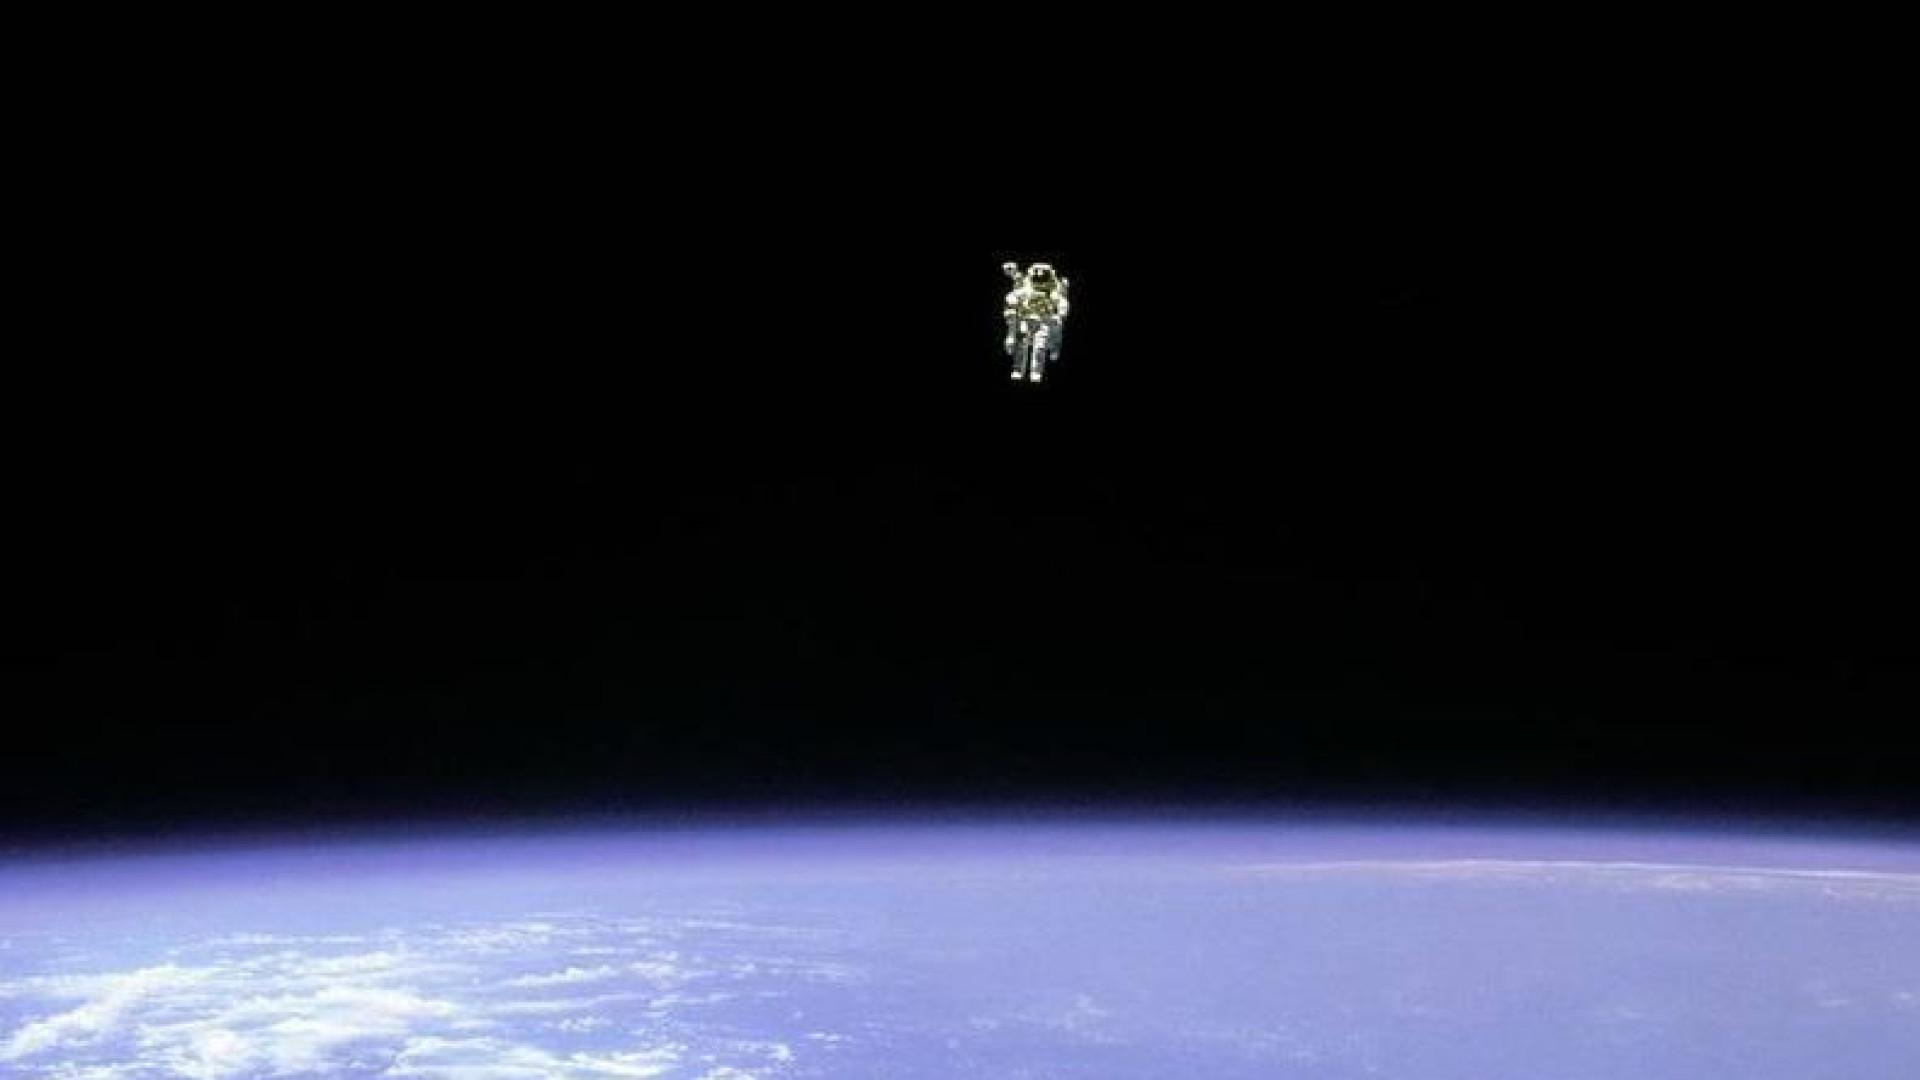 Turista espacial poderá 'passear' no Espaço em 2023